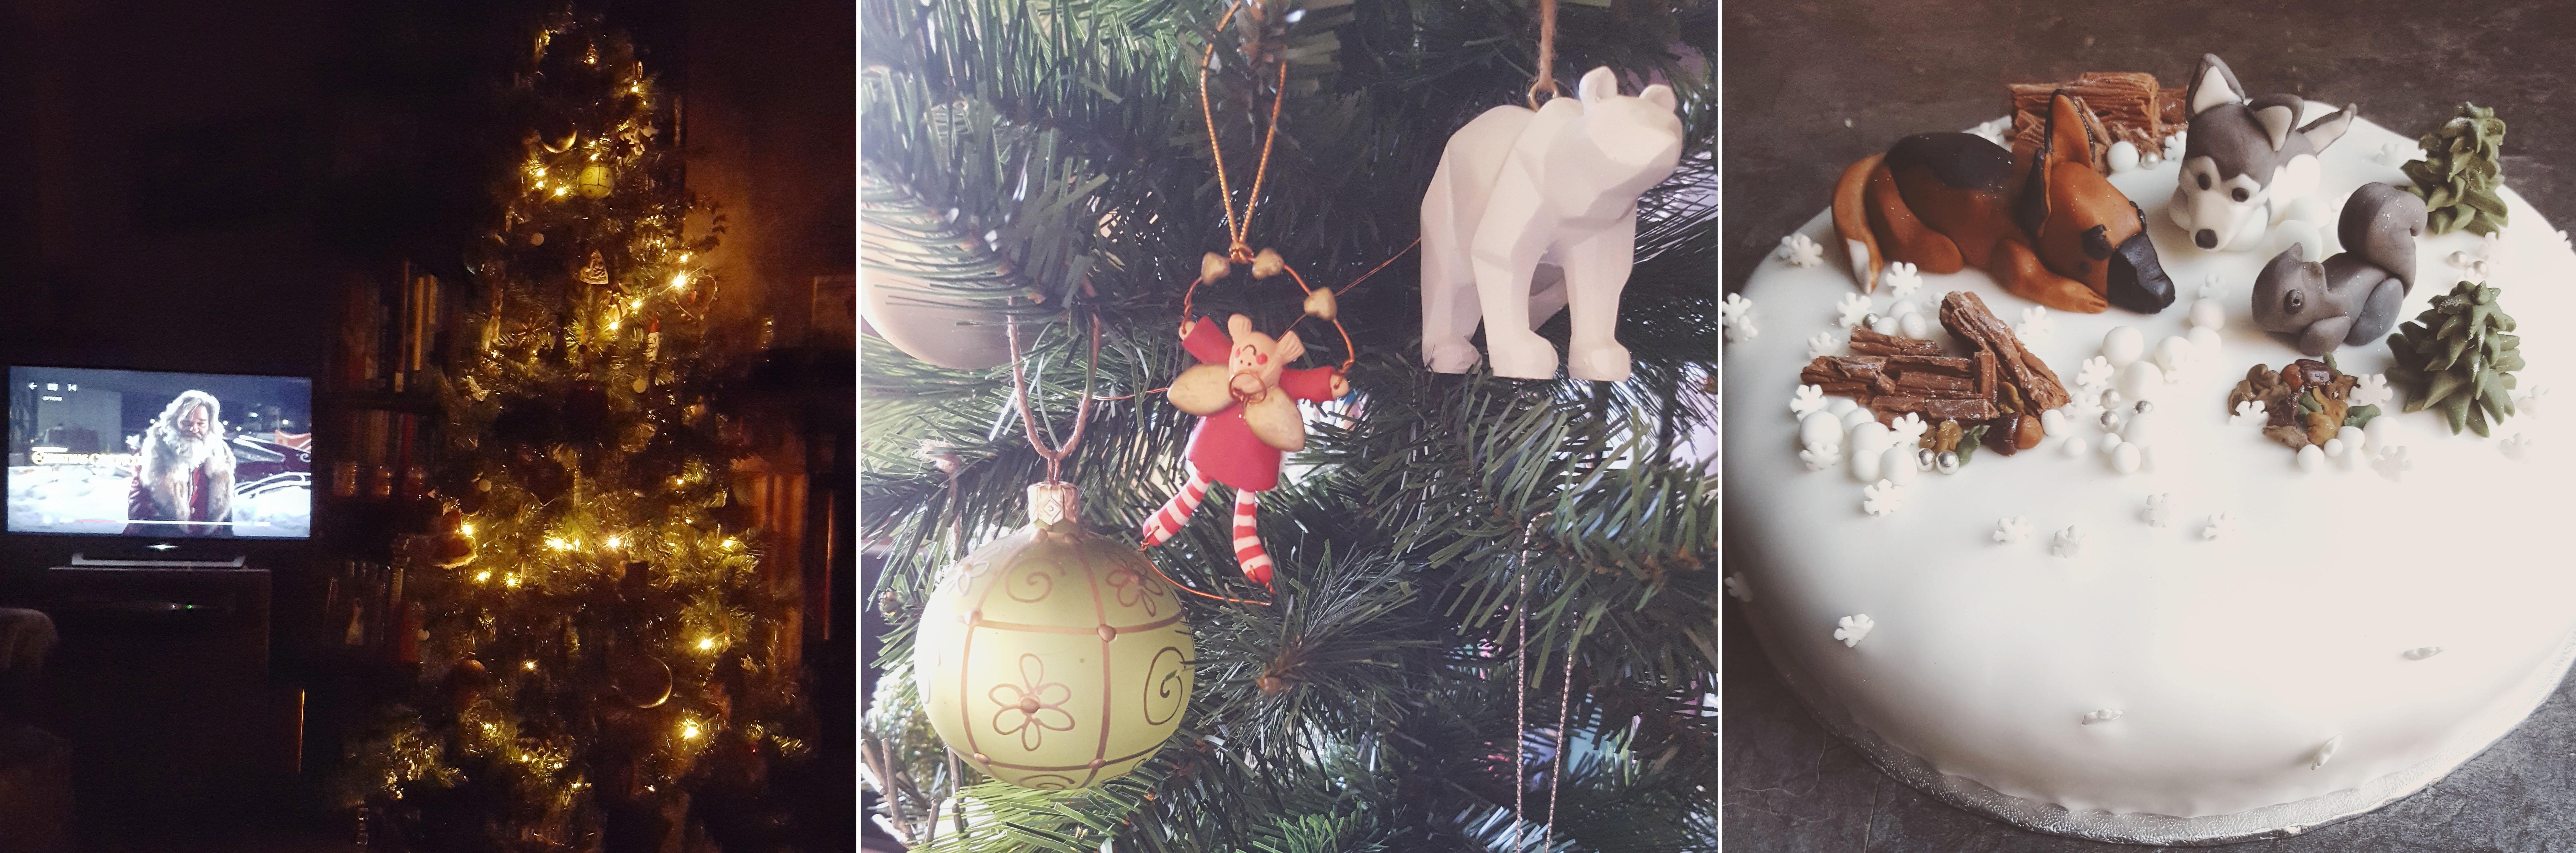 Christmas Tree - Decorations - Cake - The Last Krystallos